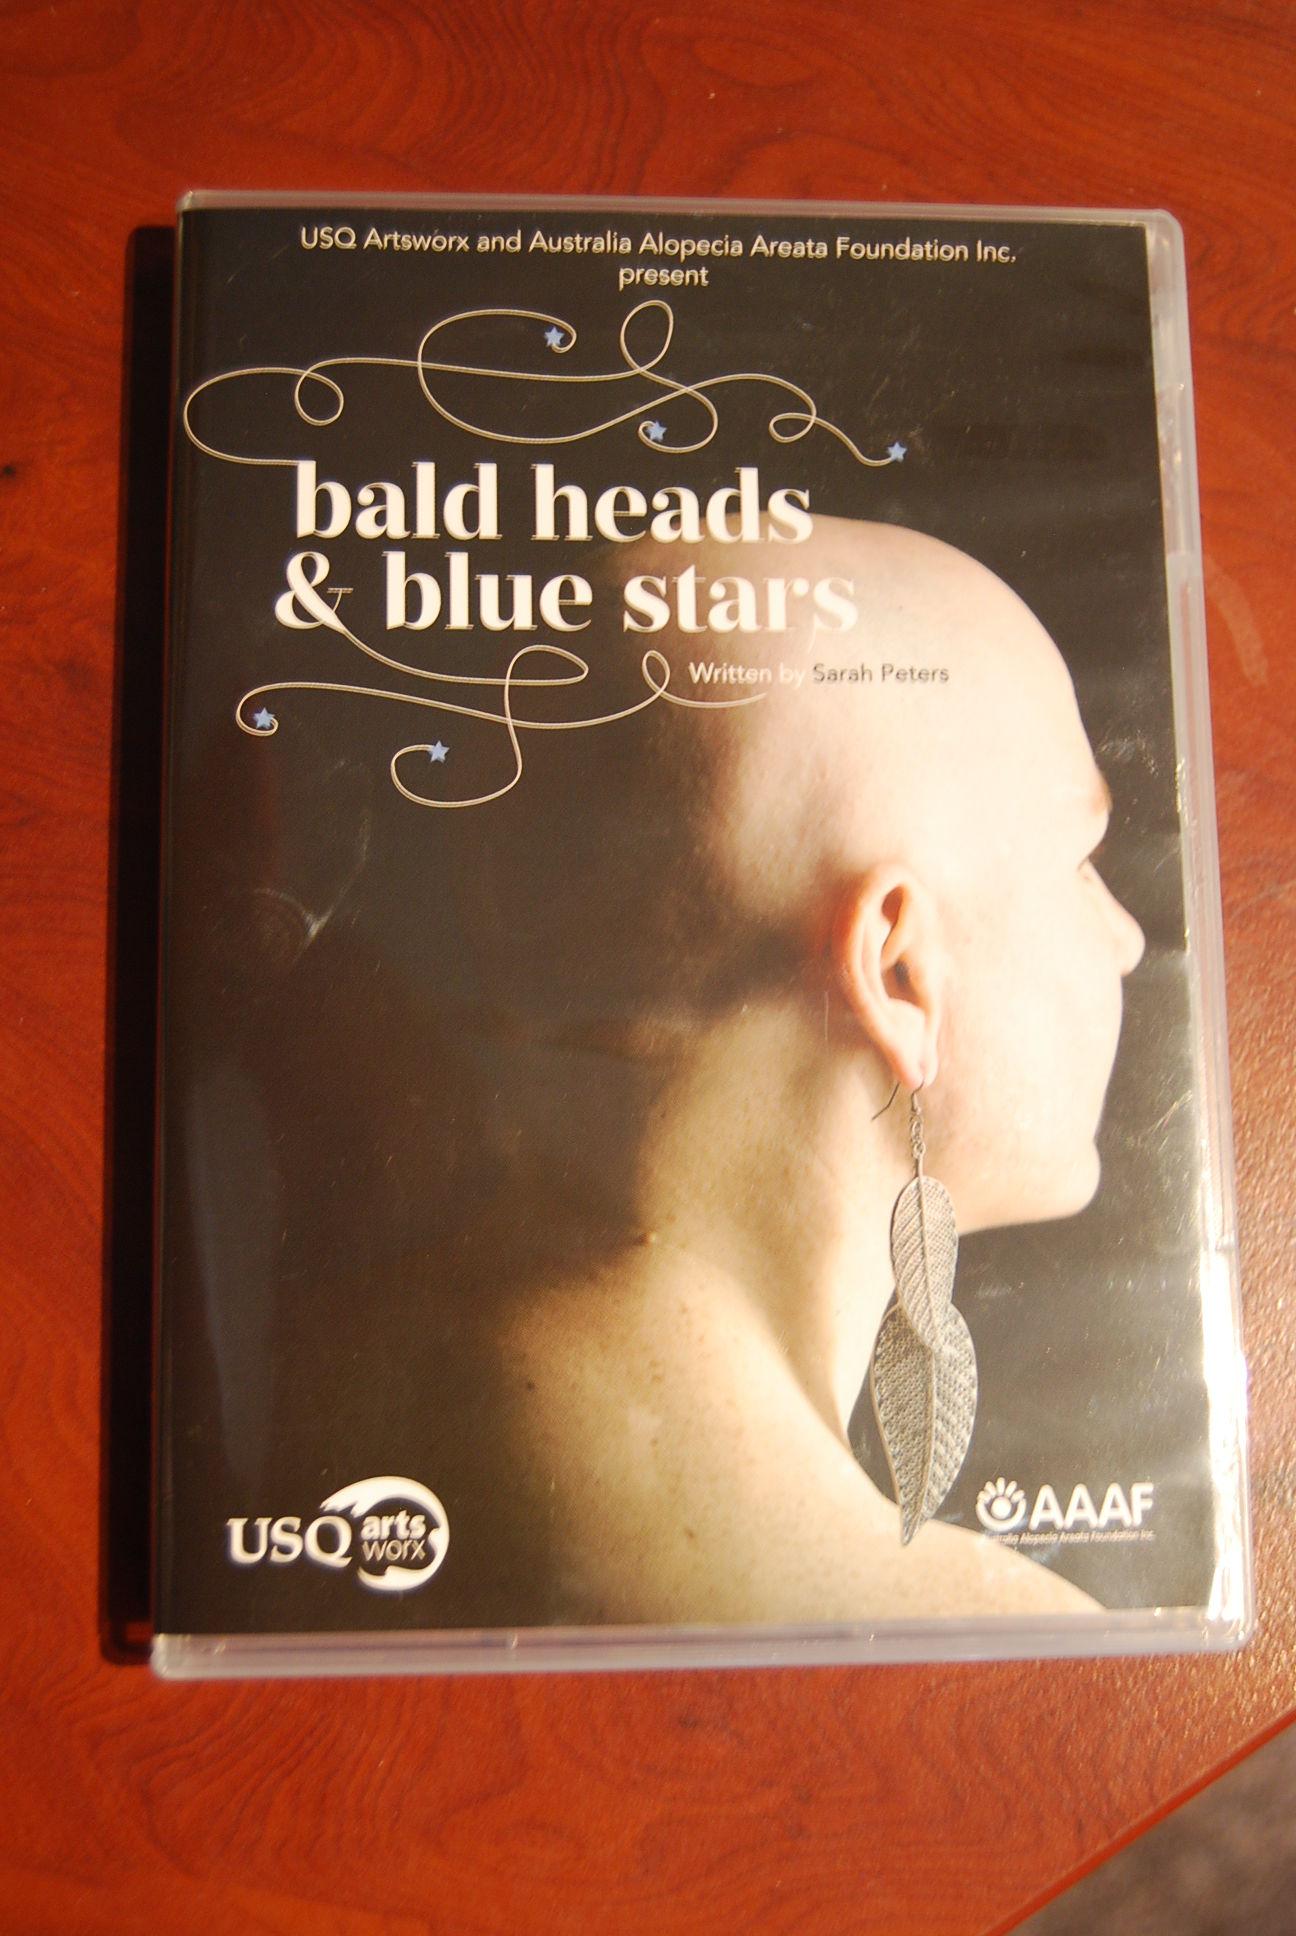 Bald heads & blue stars DVD